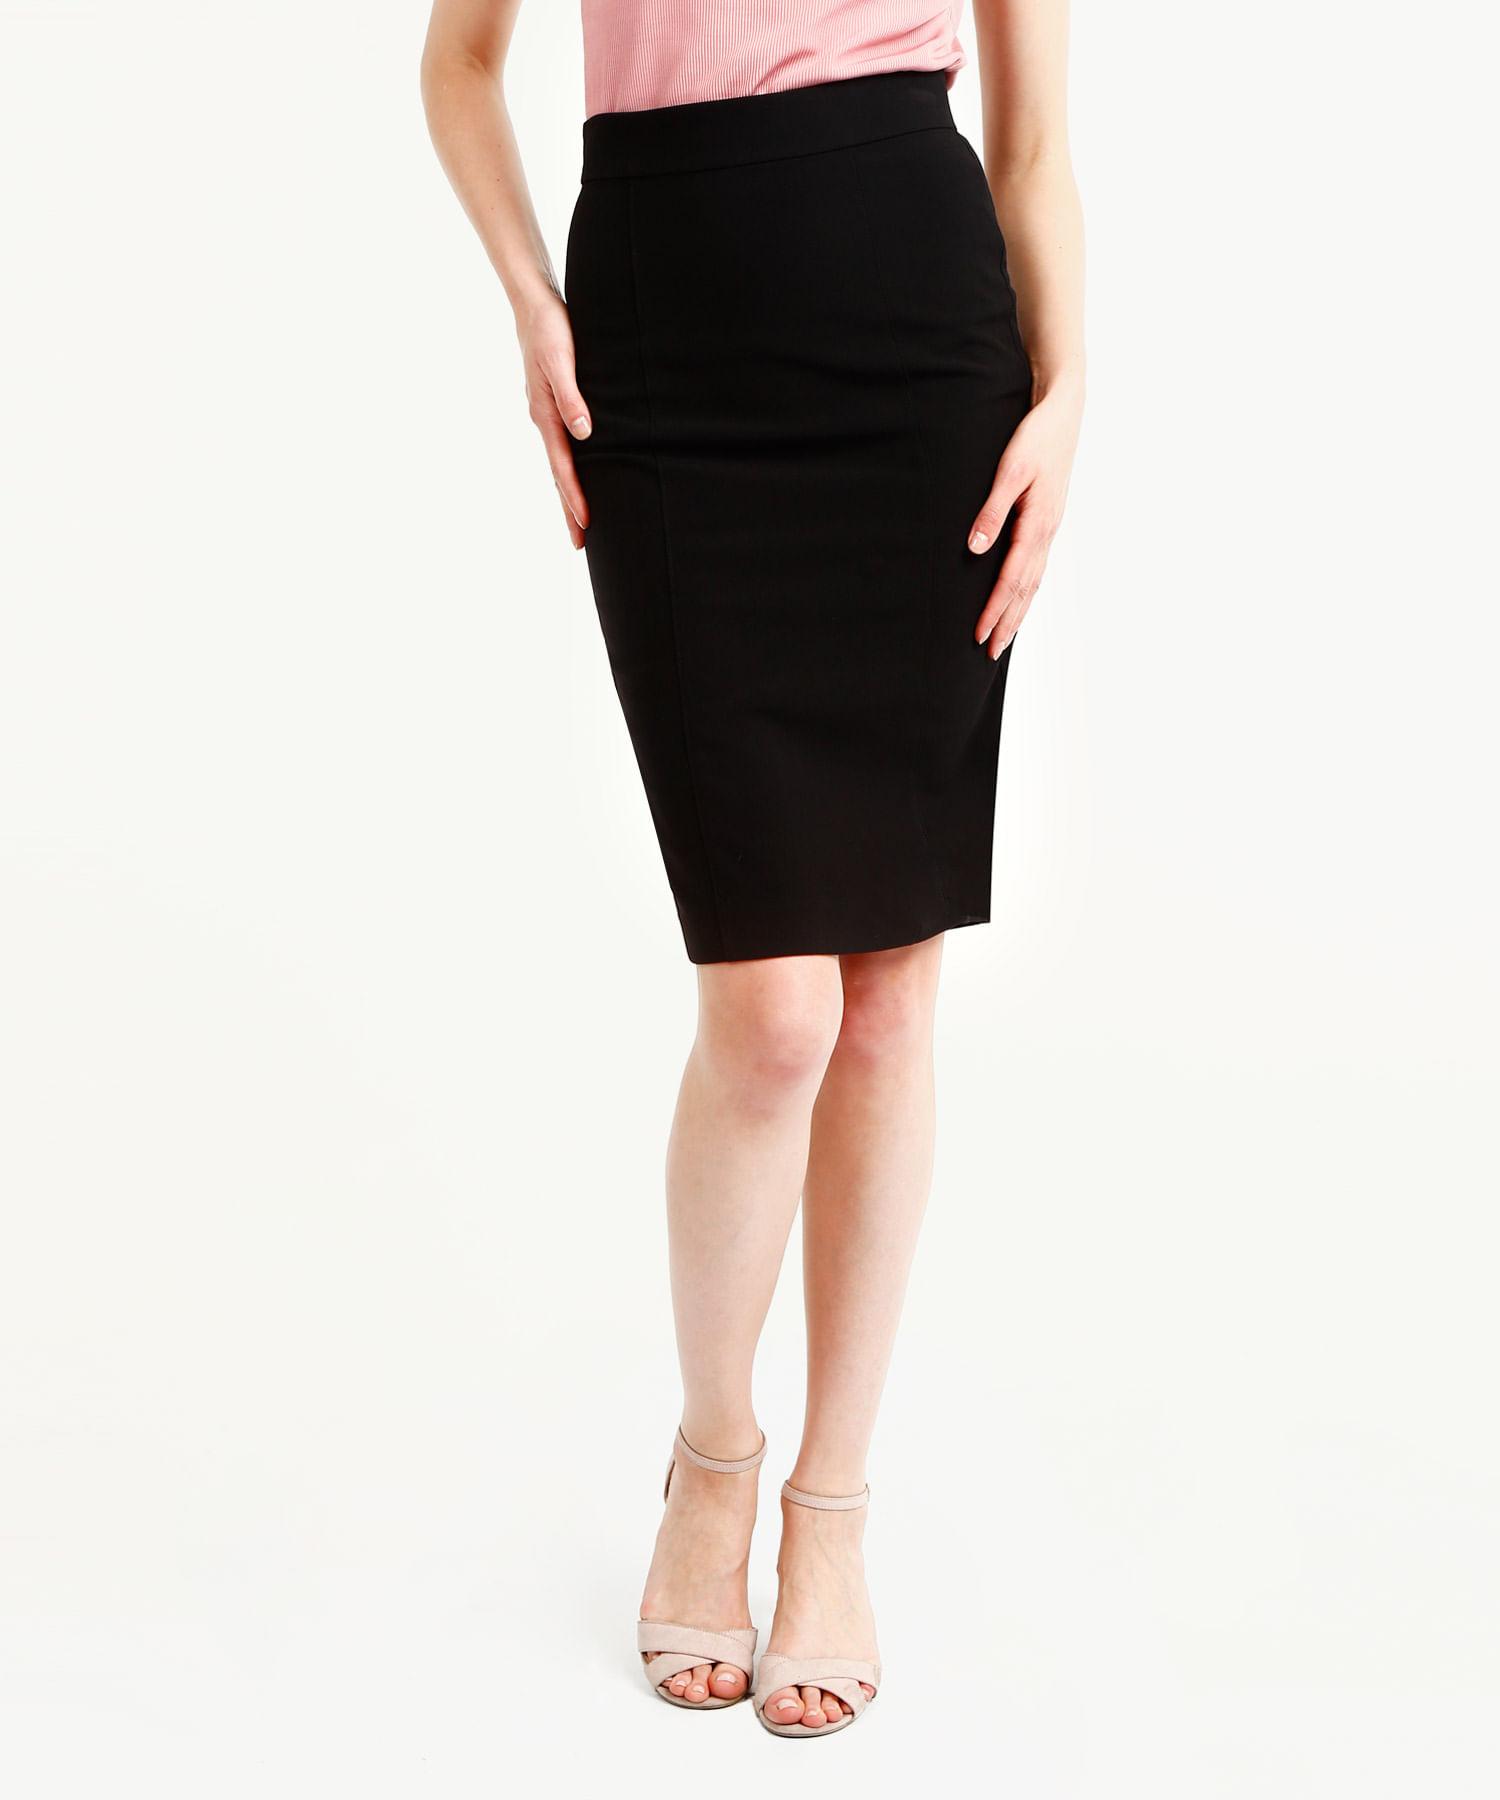 Falda clásica pretina ancha patprimo jpg 1500x1800 Imagenes de falda 47b3428d9508